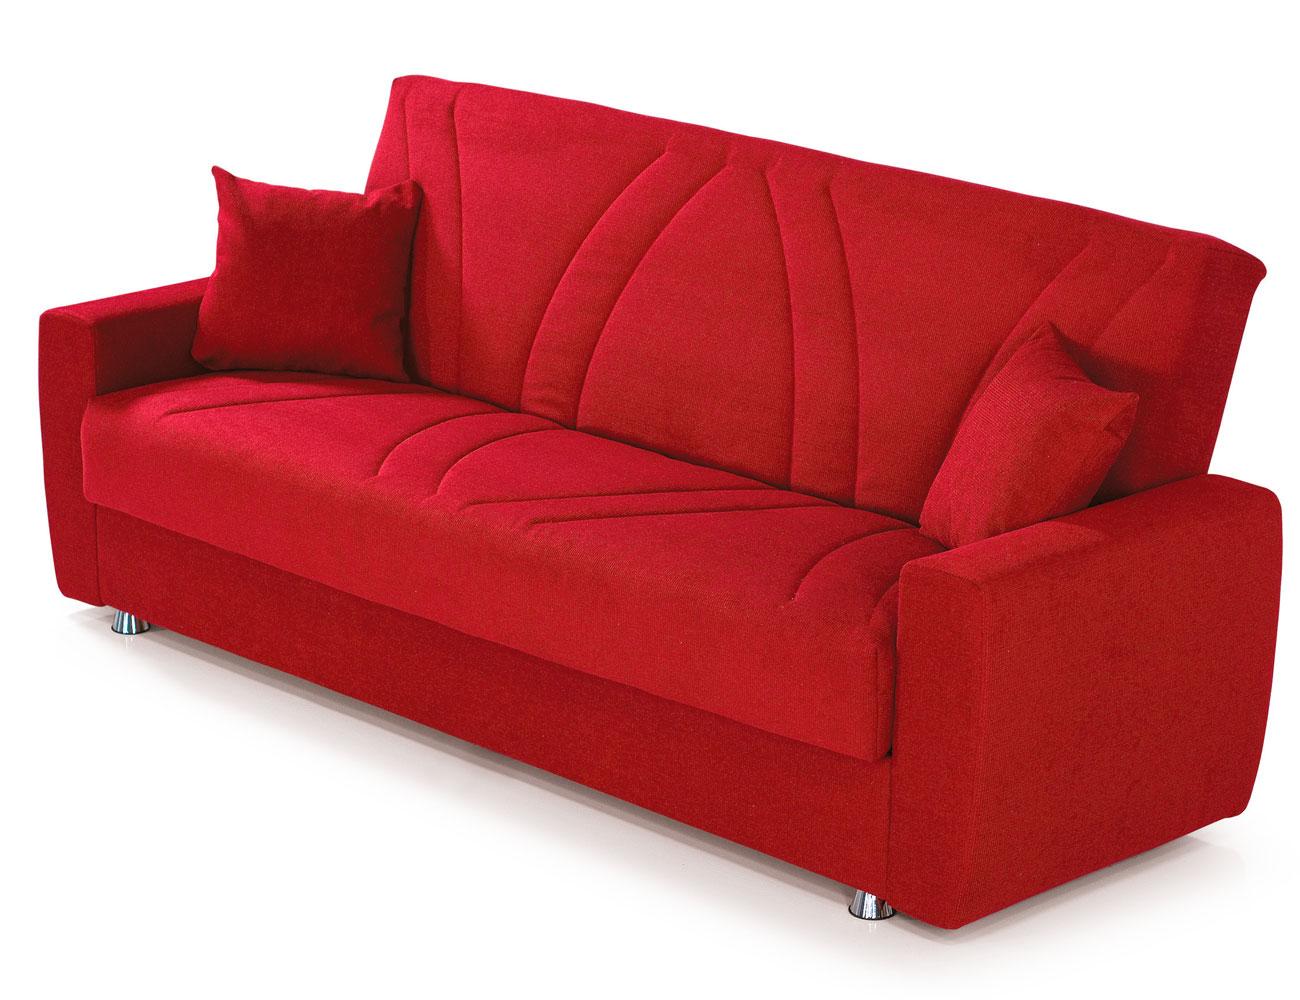 Sofa clic clac rojo arcon